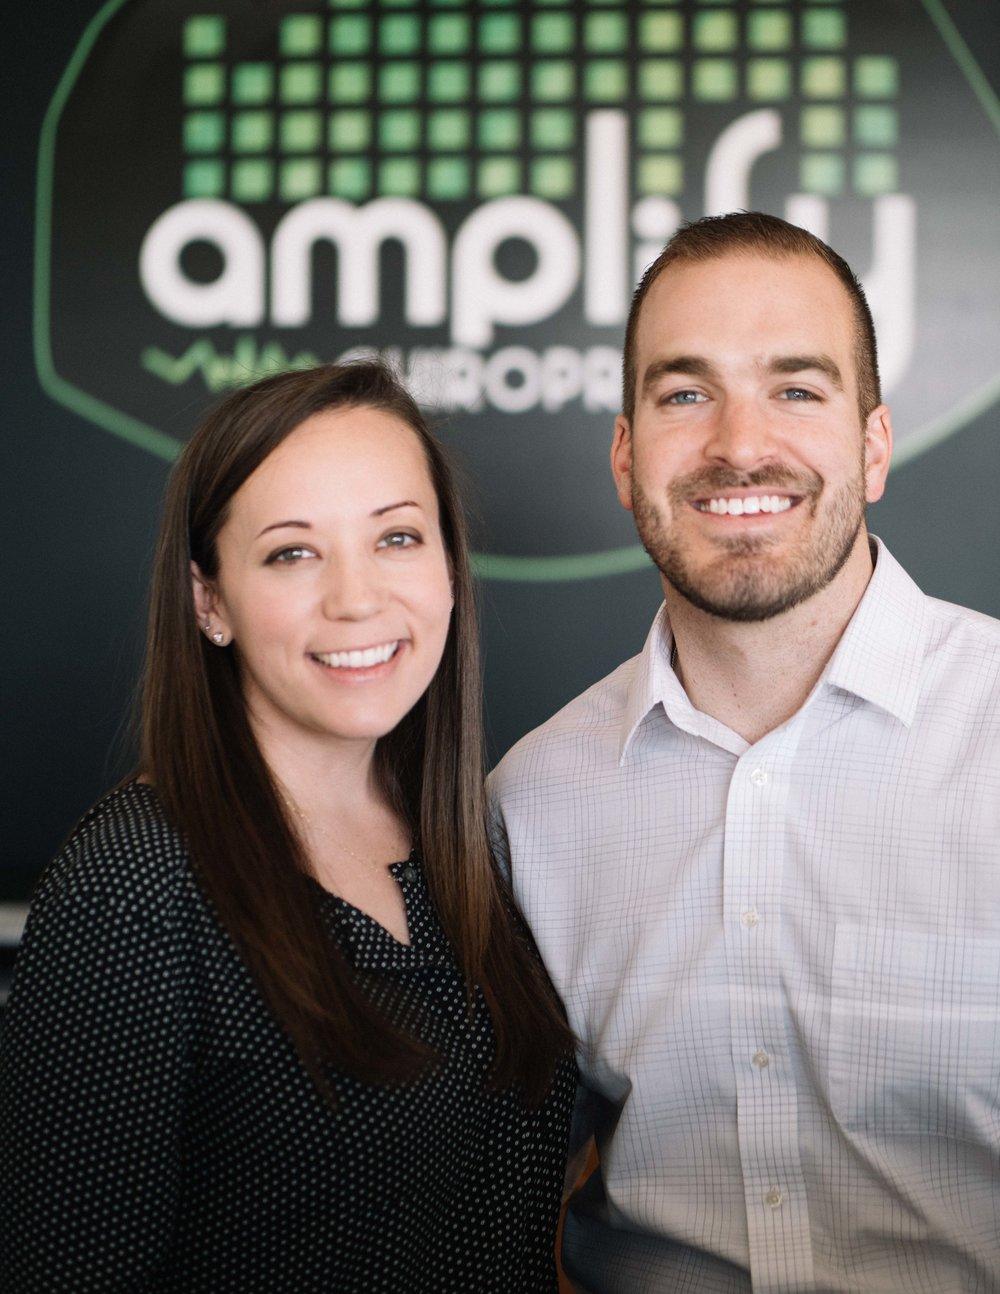 amplify-5.jpg